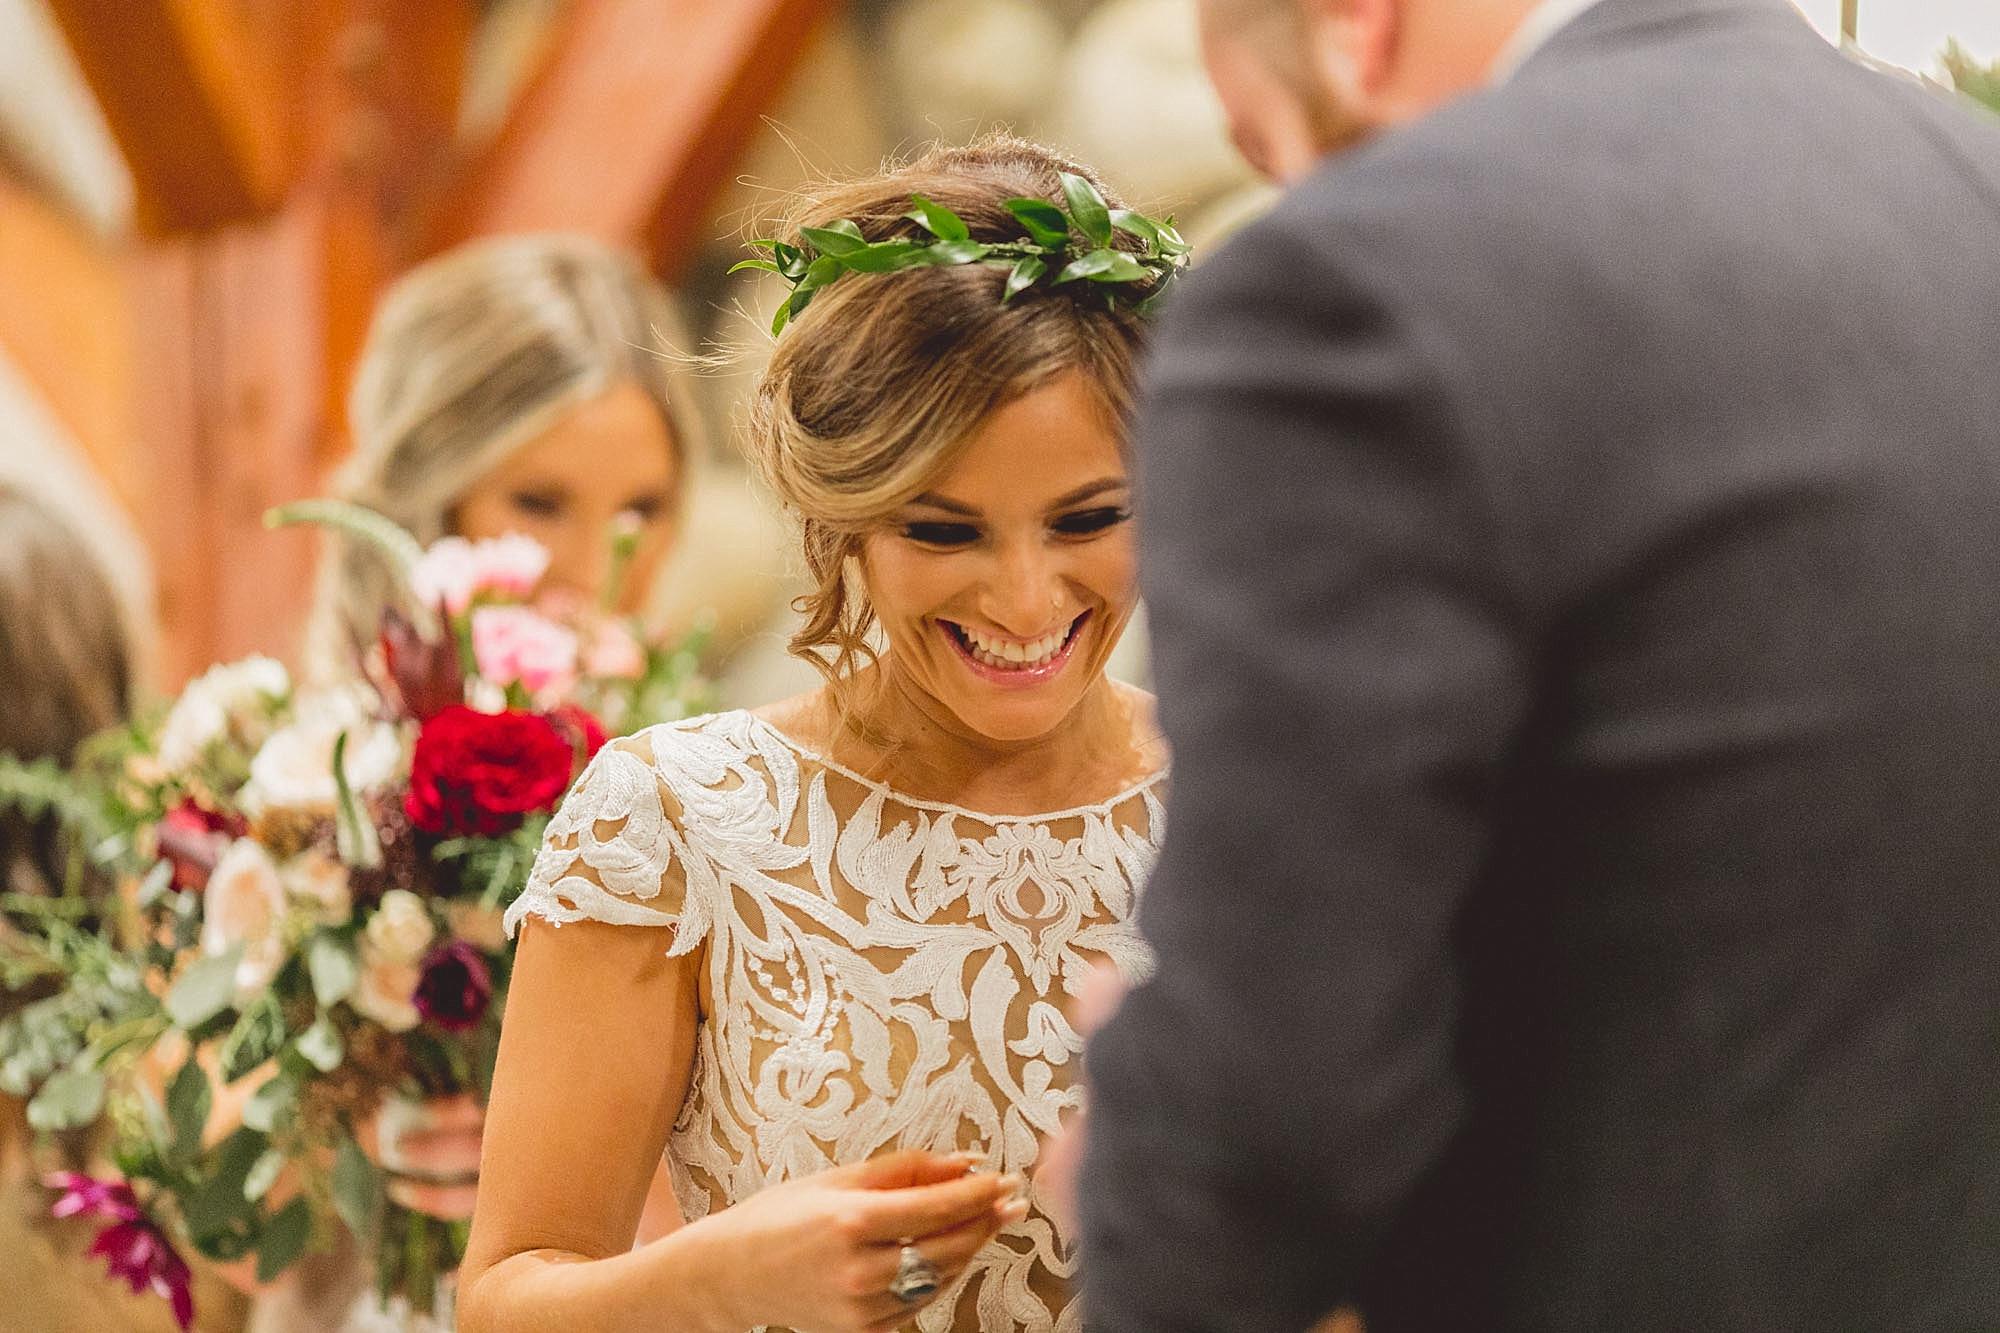 Tweaksbury-country-clup-wedding-48.jpg